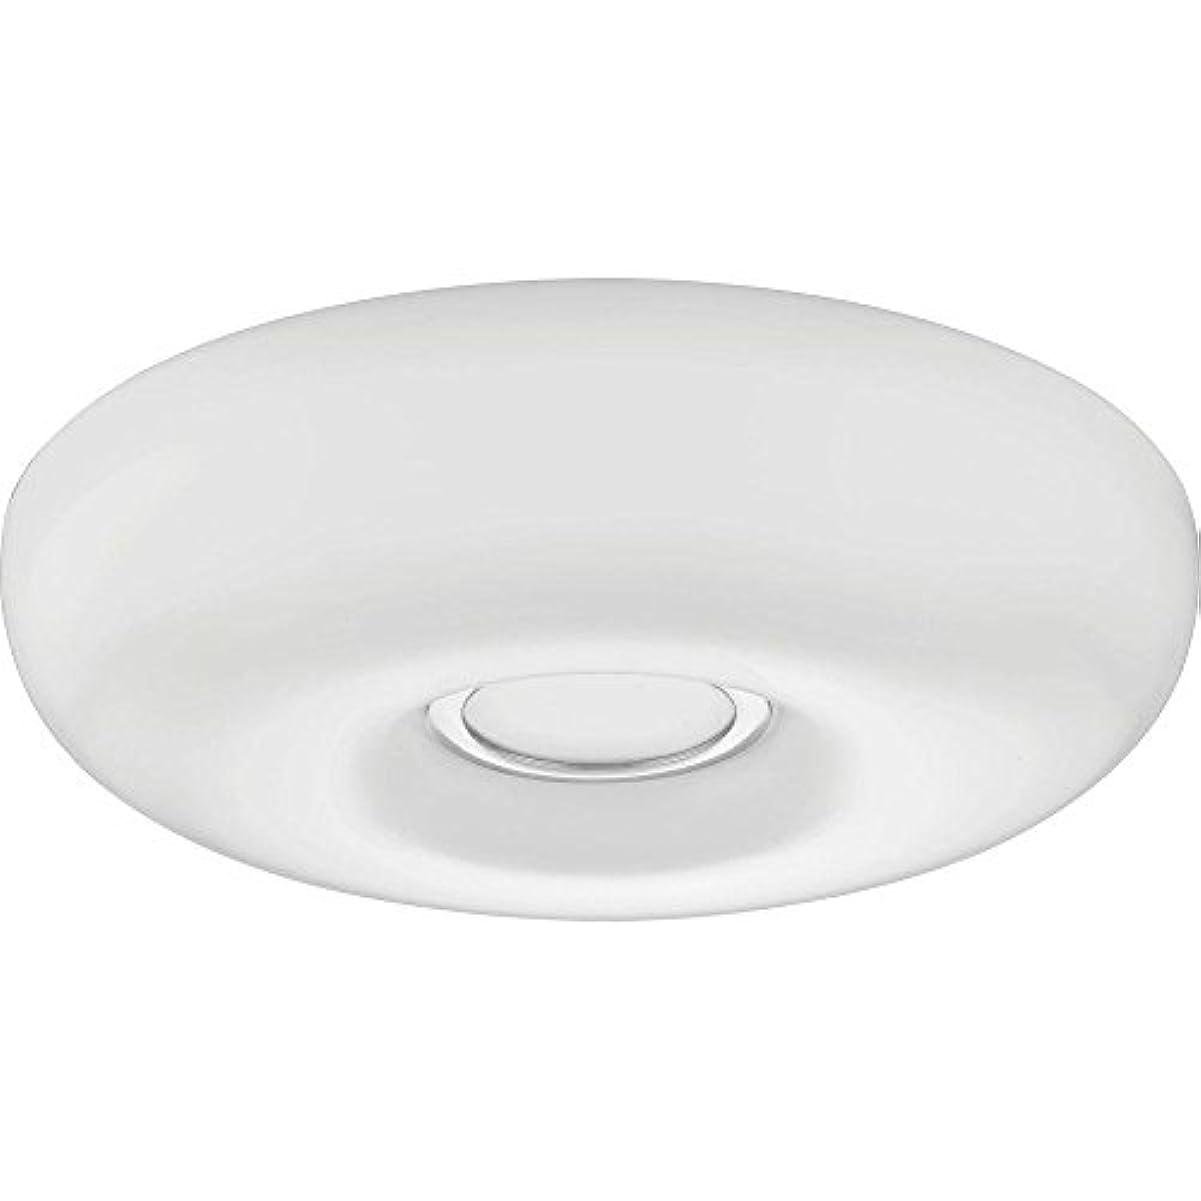 安全な試みる言うLithonia Lighting DFMKMRL 14 M4 Replacement Diffuser, 14', White [並行輸入品]